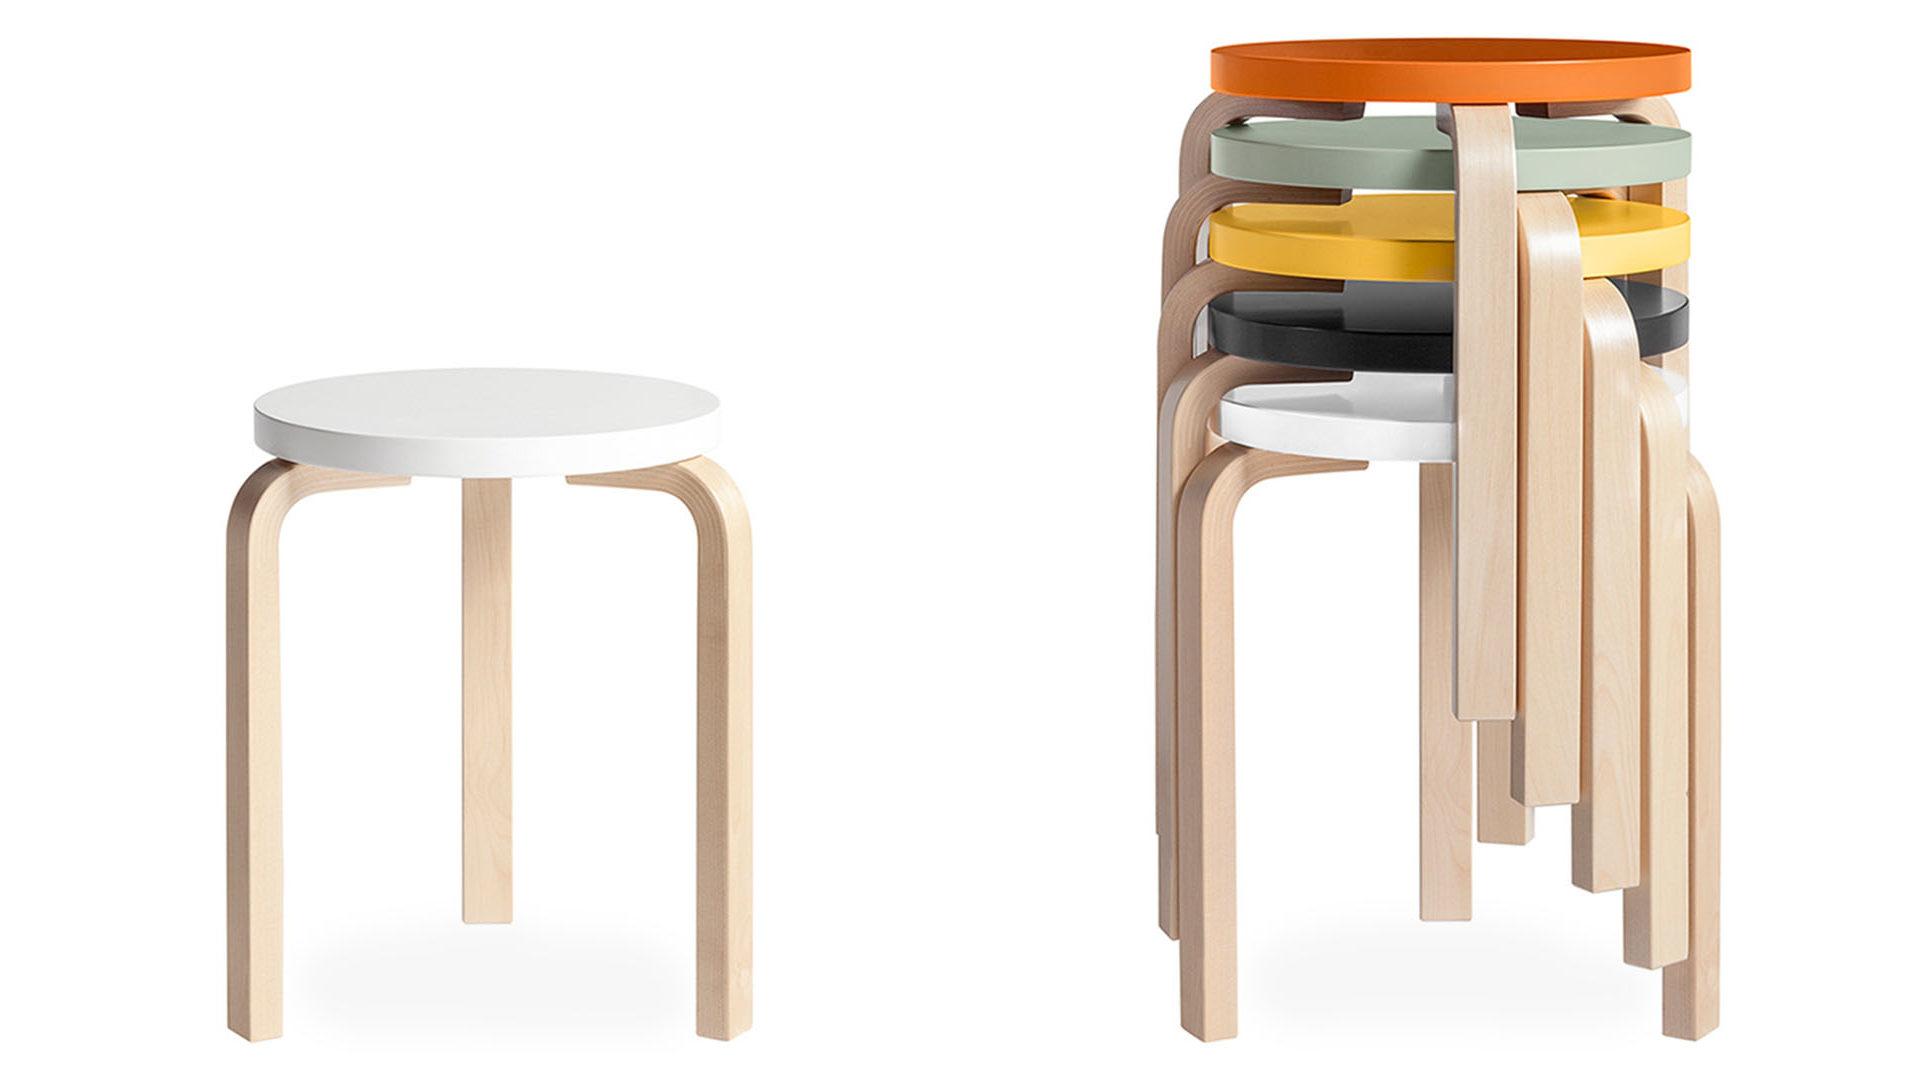 """Fotografia dello sgabello Stool60 caratterizzato da una seduta circolare, disponibile in diversi colori, e tre gambe in legno piegate a """"L""""."""